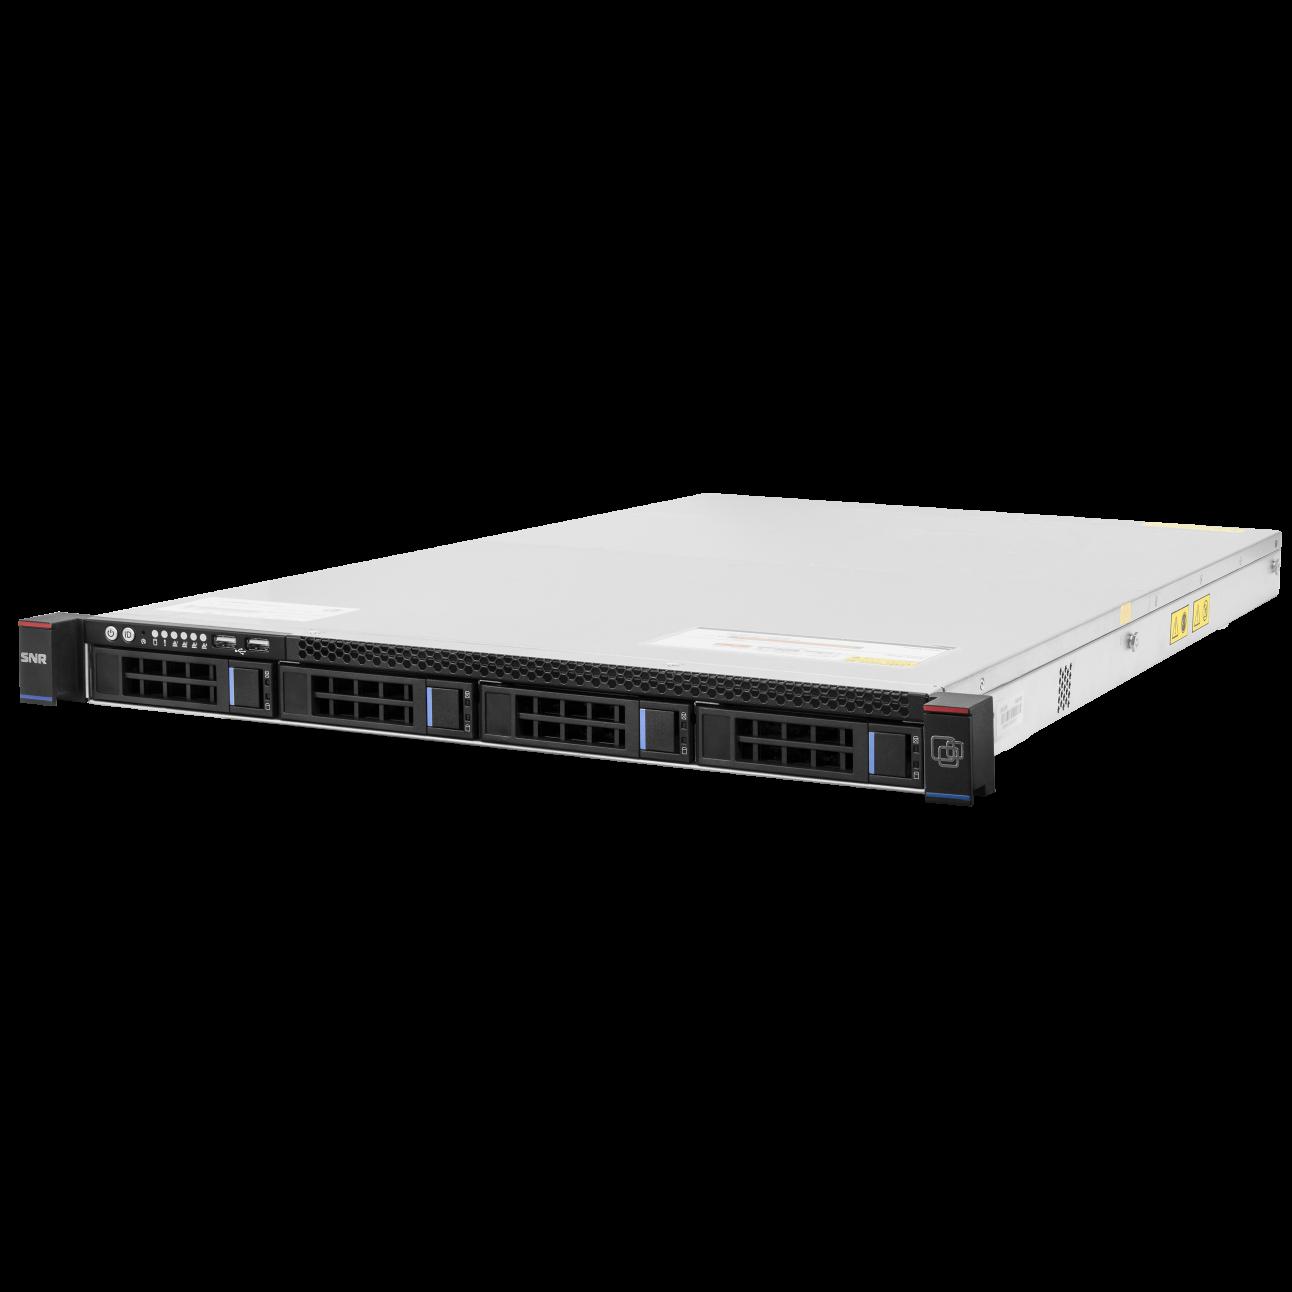 """Сервер SNR-SR1104R, 1U, 1 процессор Intel 4C E3-1220 v6 3GHz, 8G DRAM, 1x2.5"""" SSD ML240, Win10Pro"""